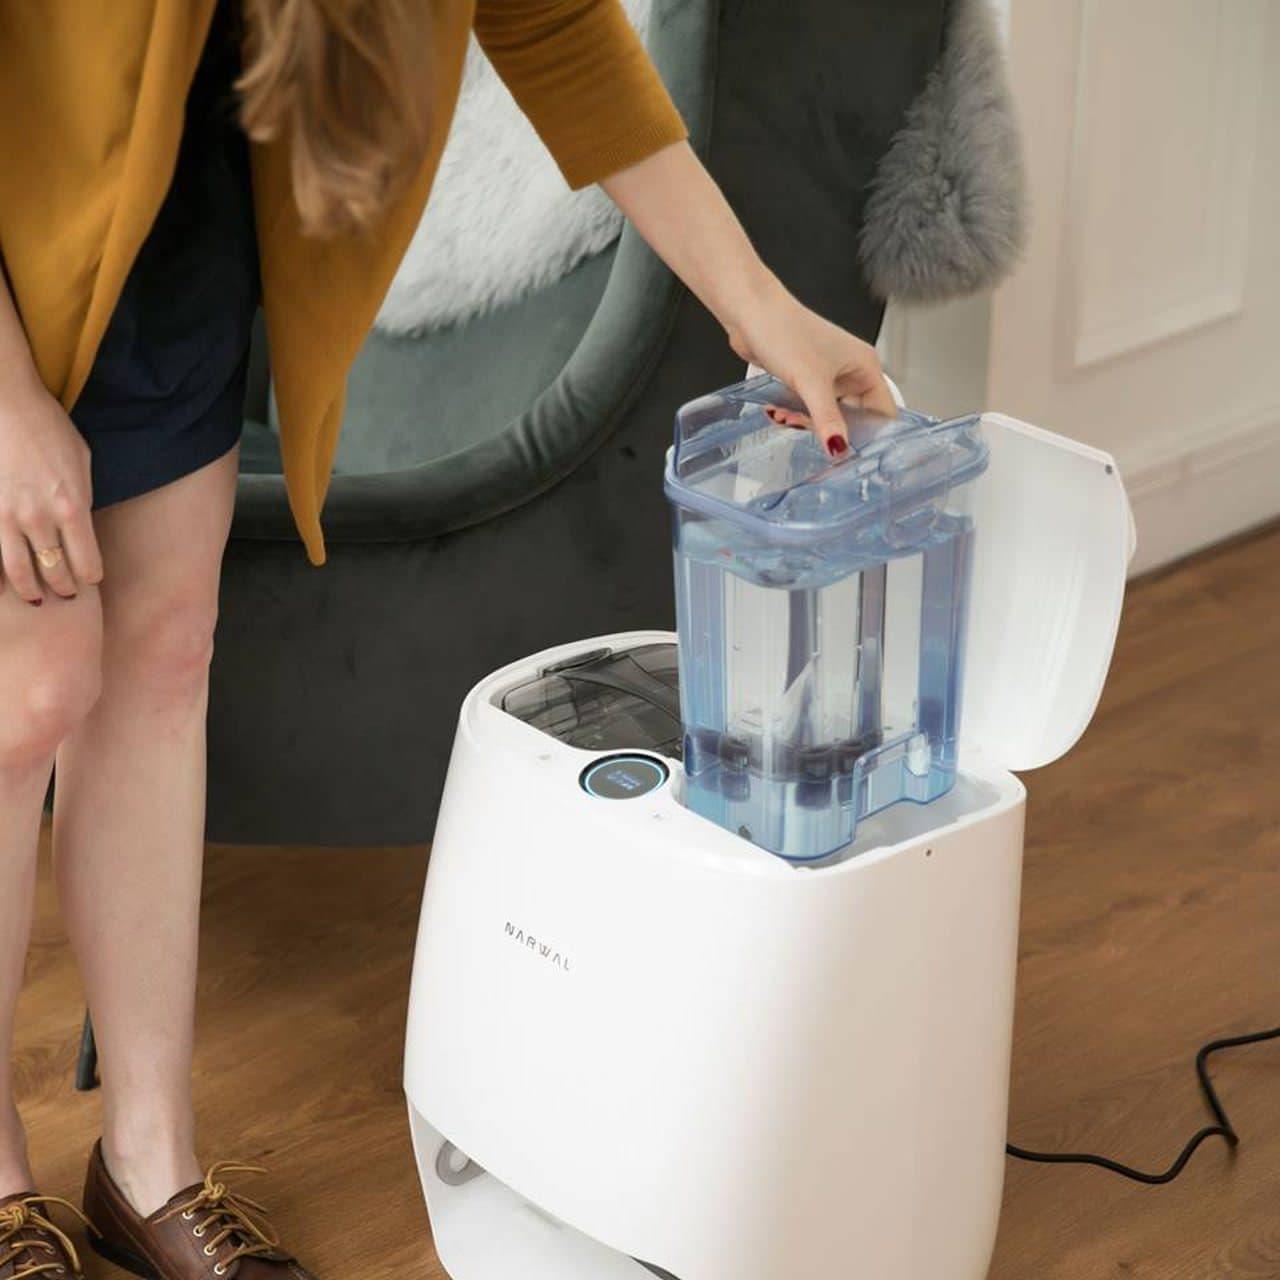 水拭きお掃除ロボット「Narwal」 ― 面倒なクロス洗浄を自動で